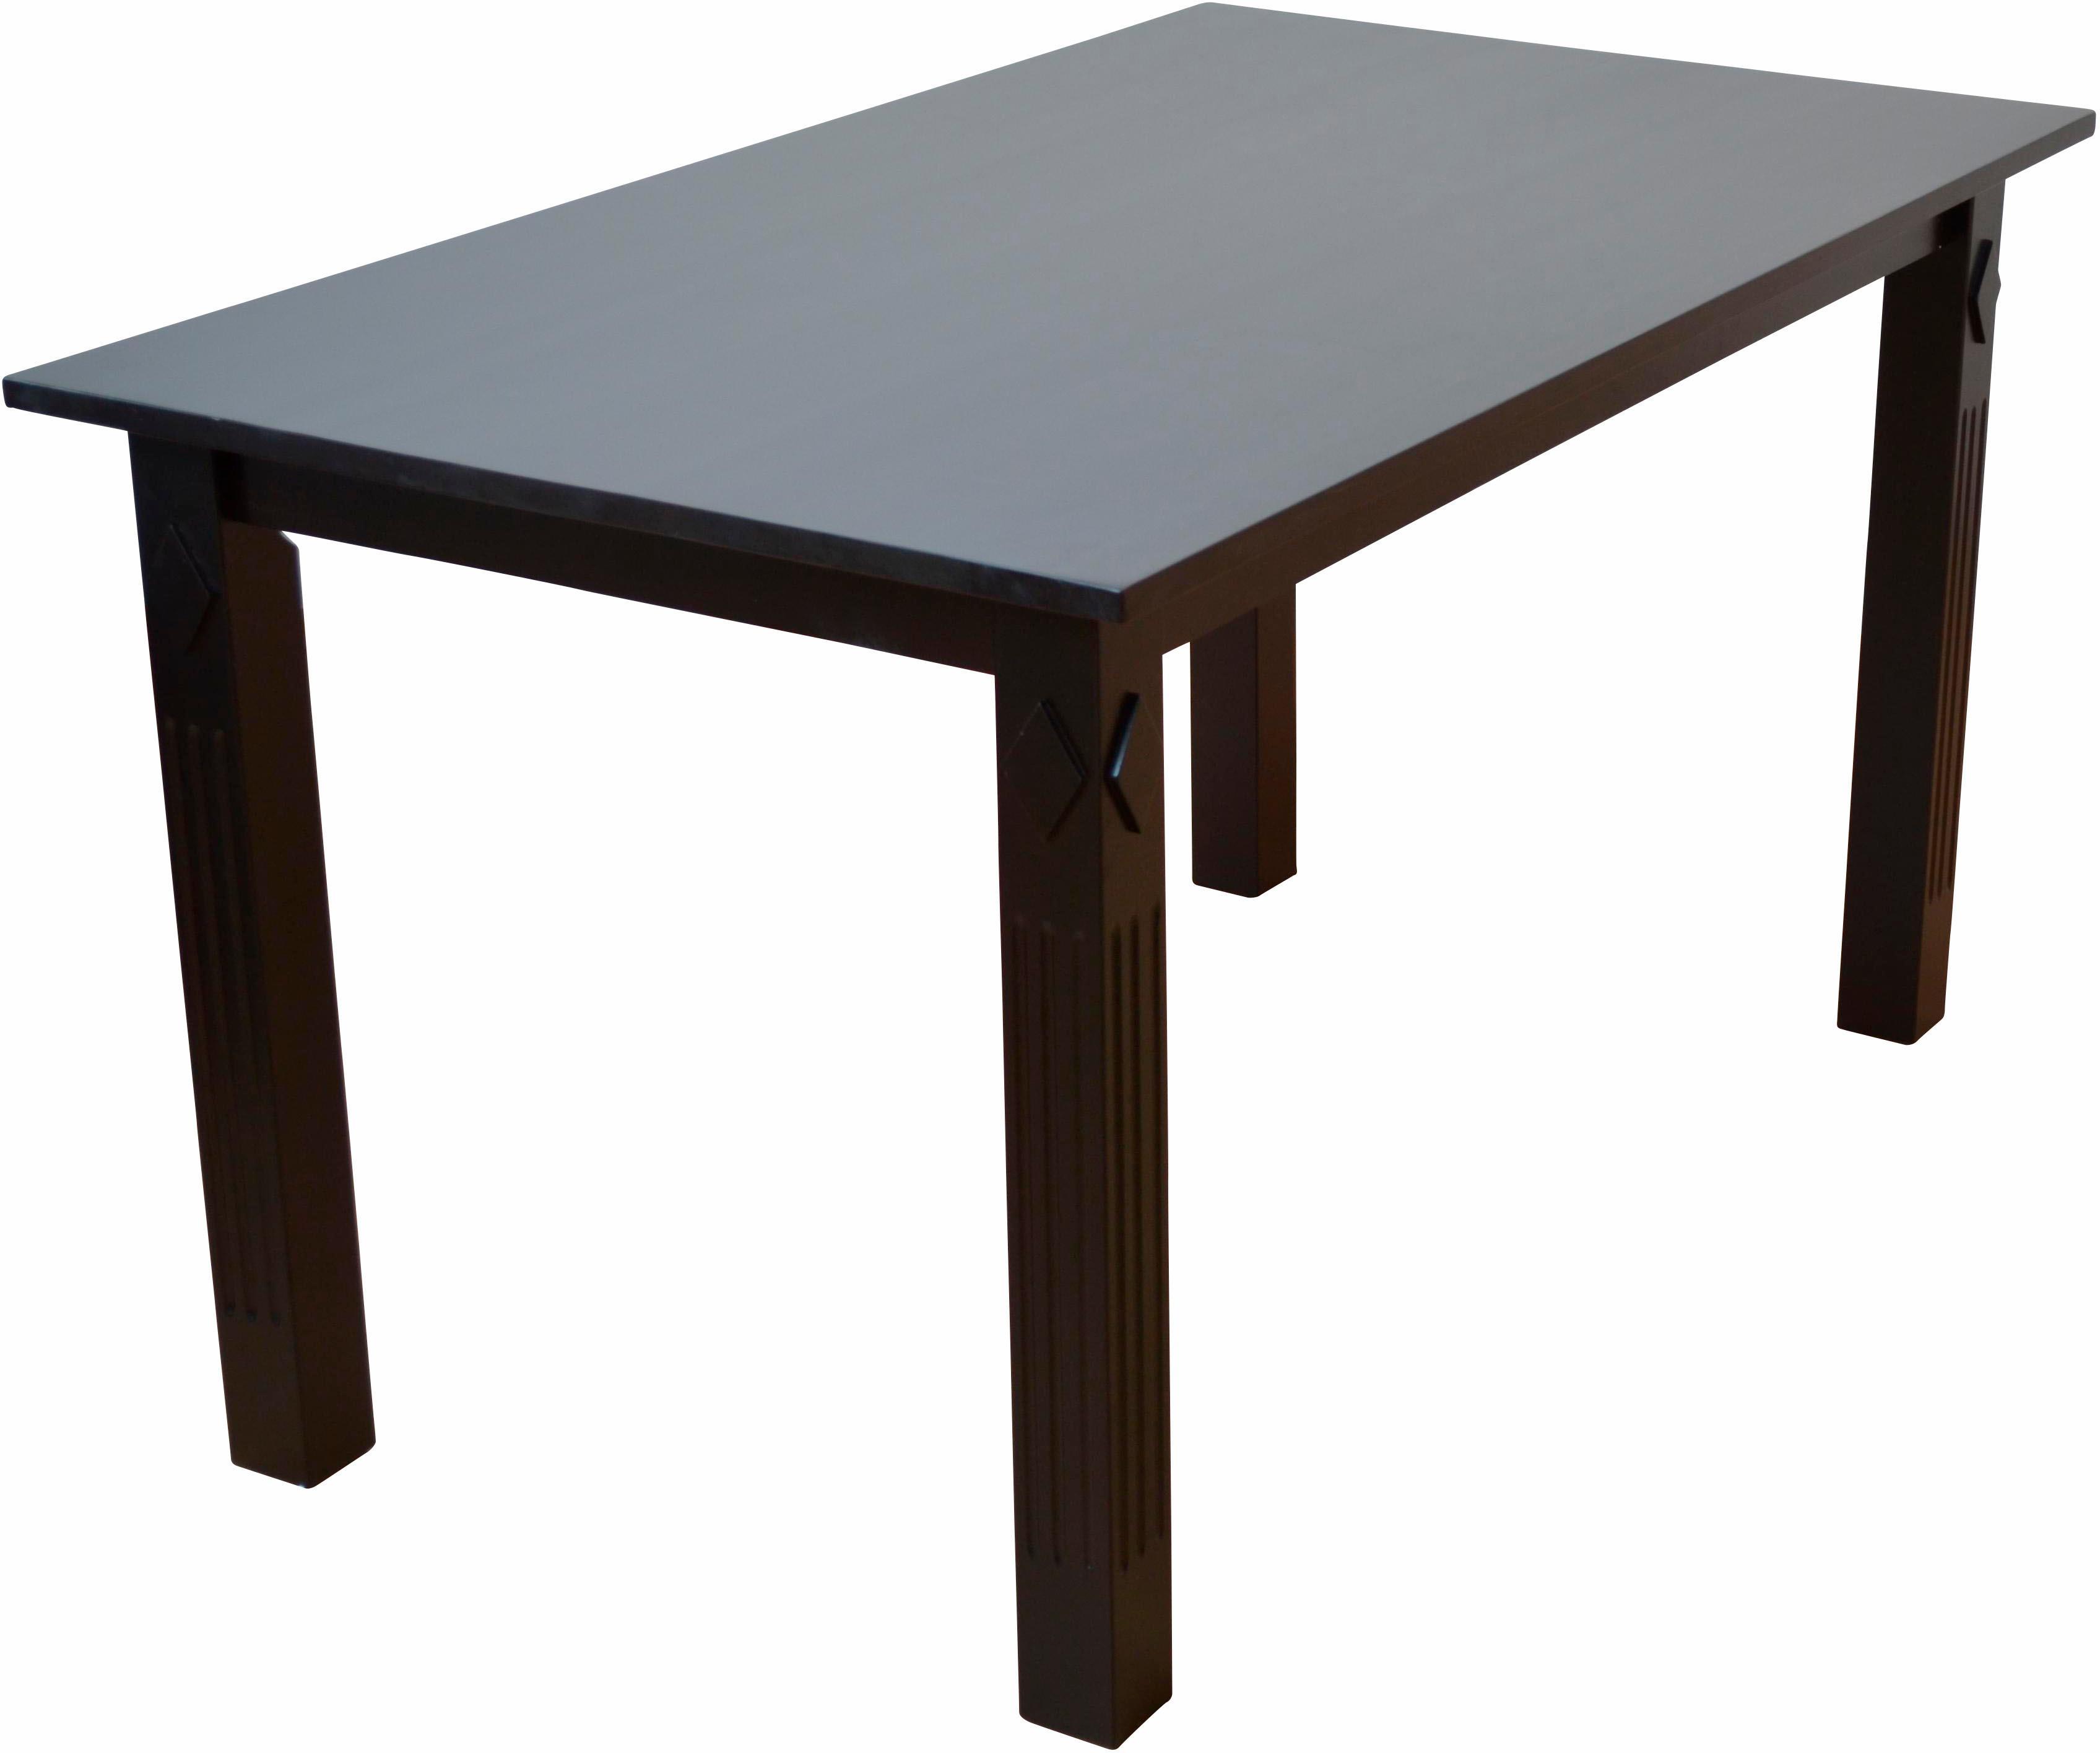 Esstische online kaufen   Möbel-Suchmaschine   ladendirekt.de - Seite 83